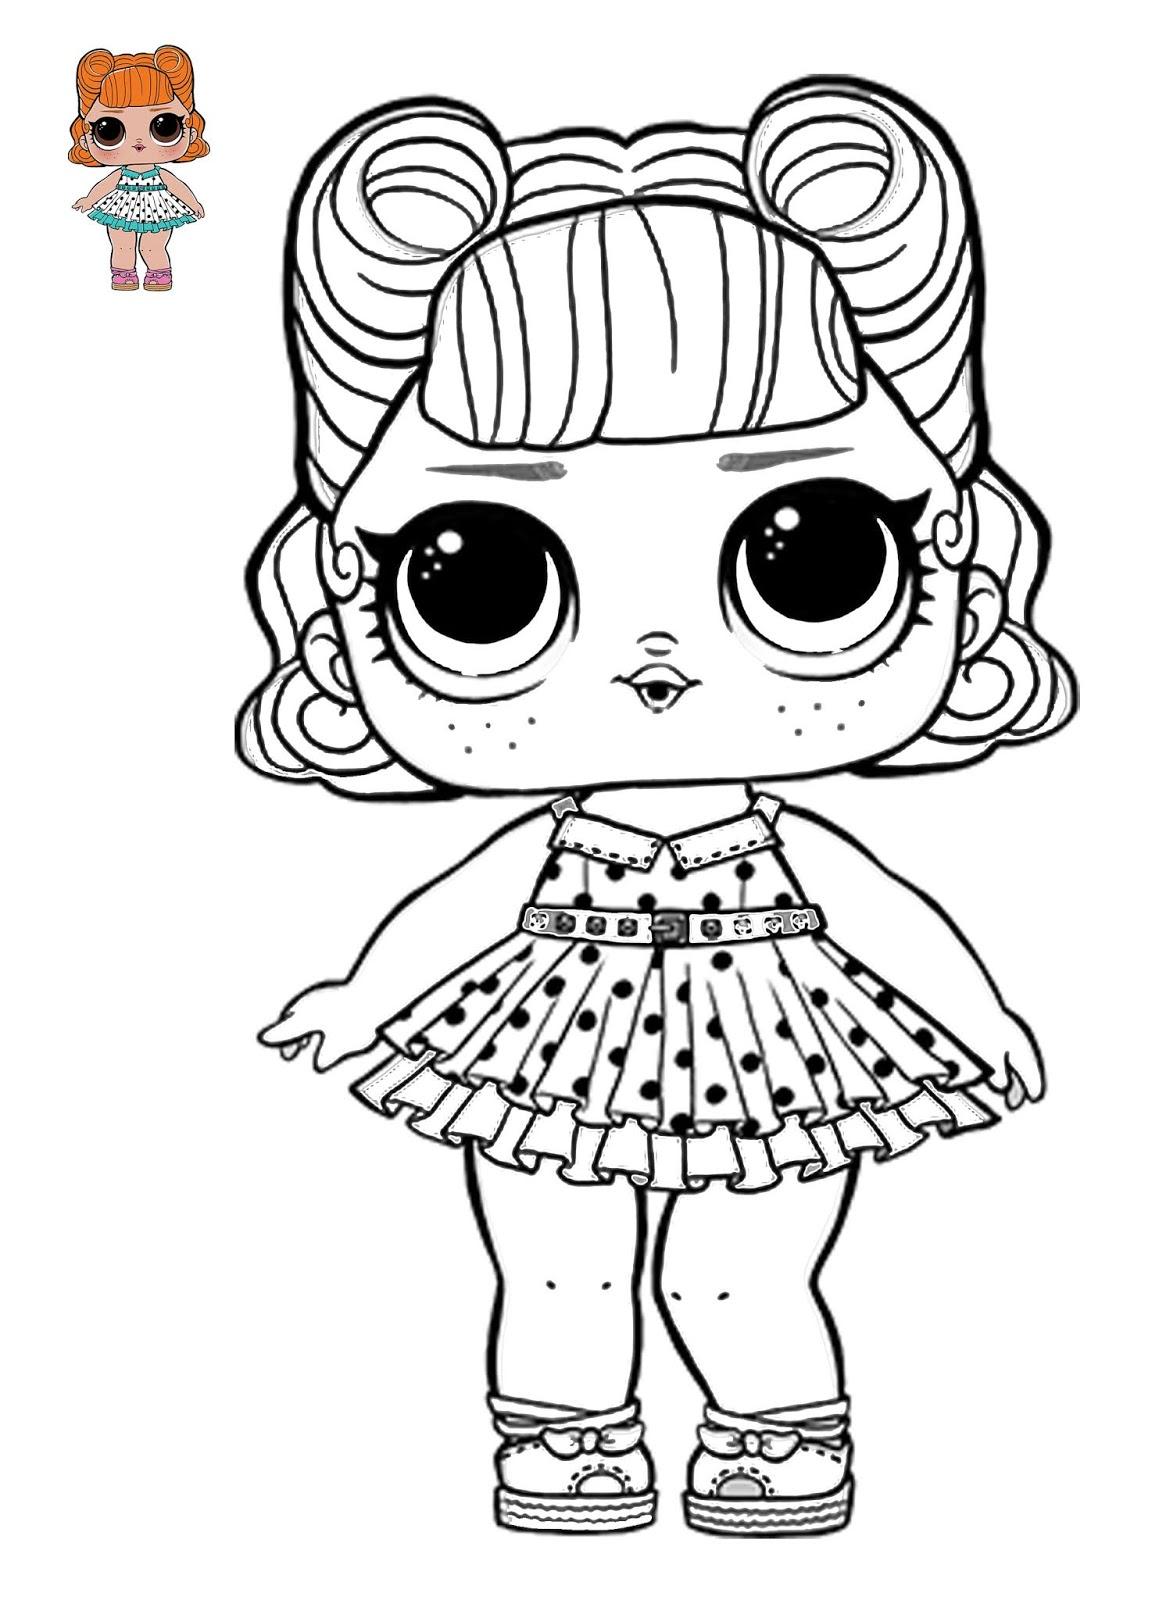 Belajar menggambar dan mewarnai LOL Surprise (1) | IqbalNana